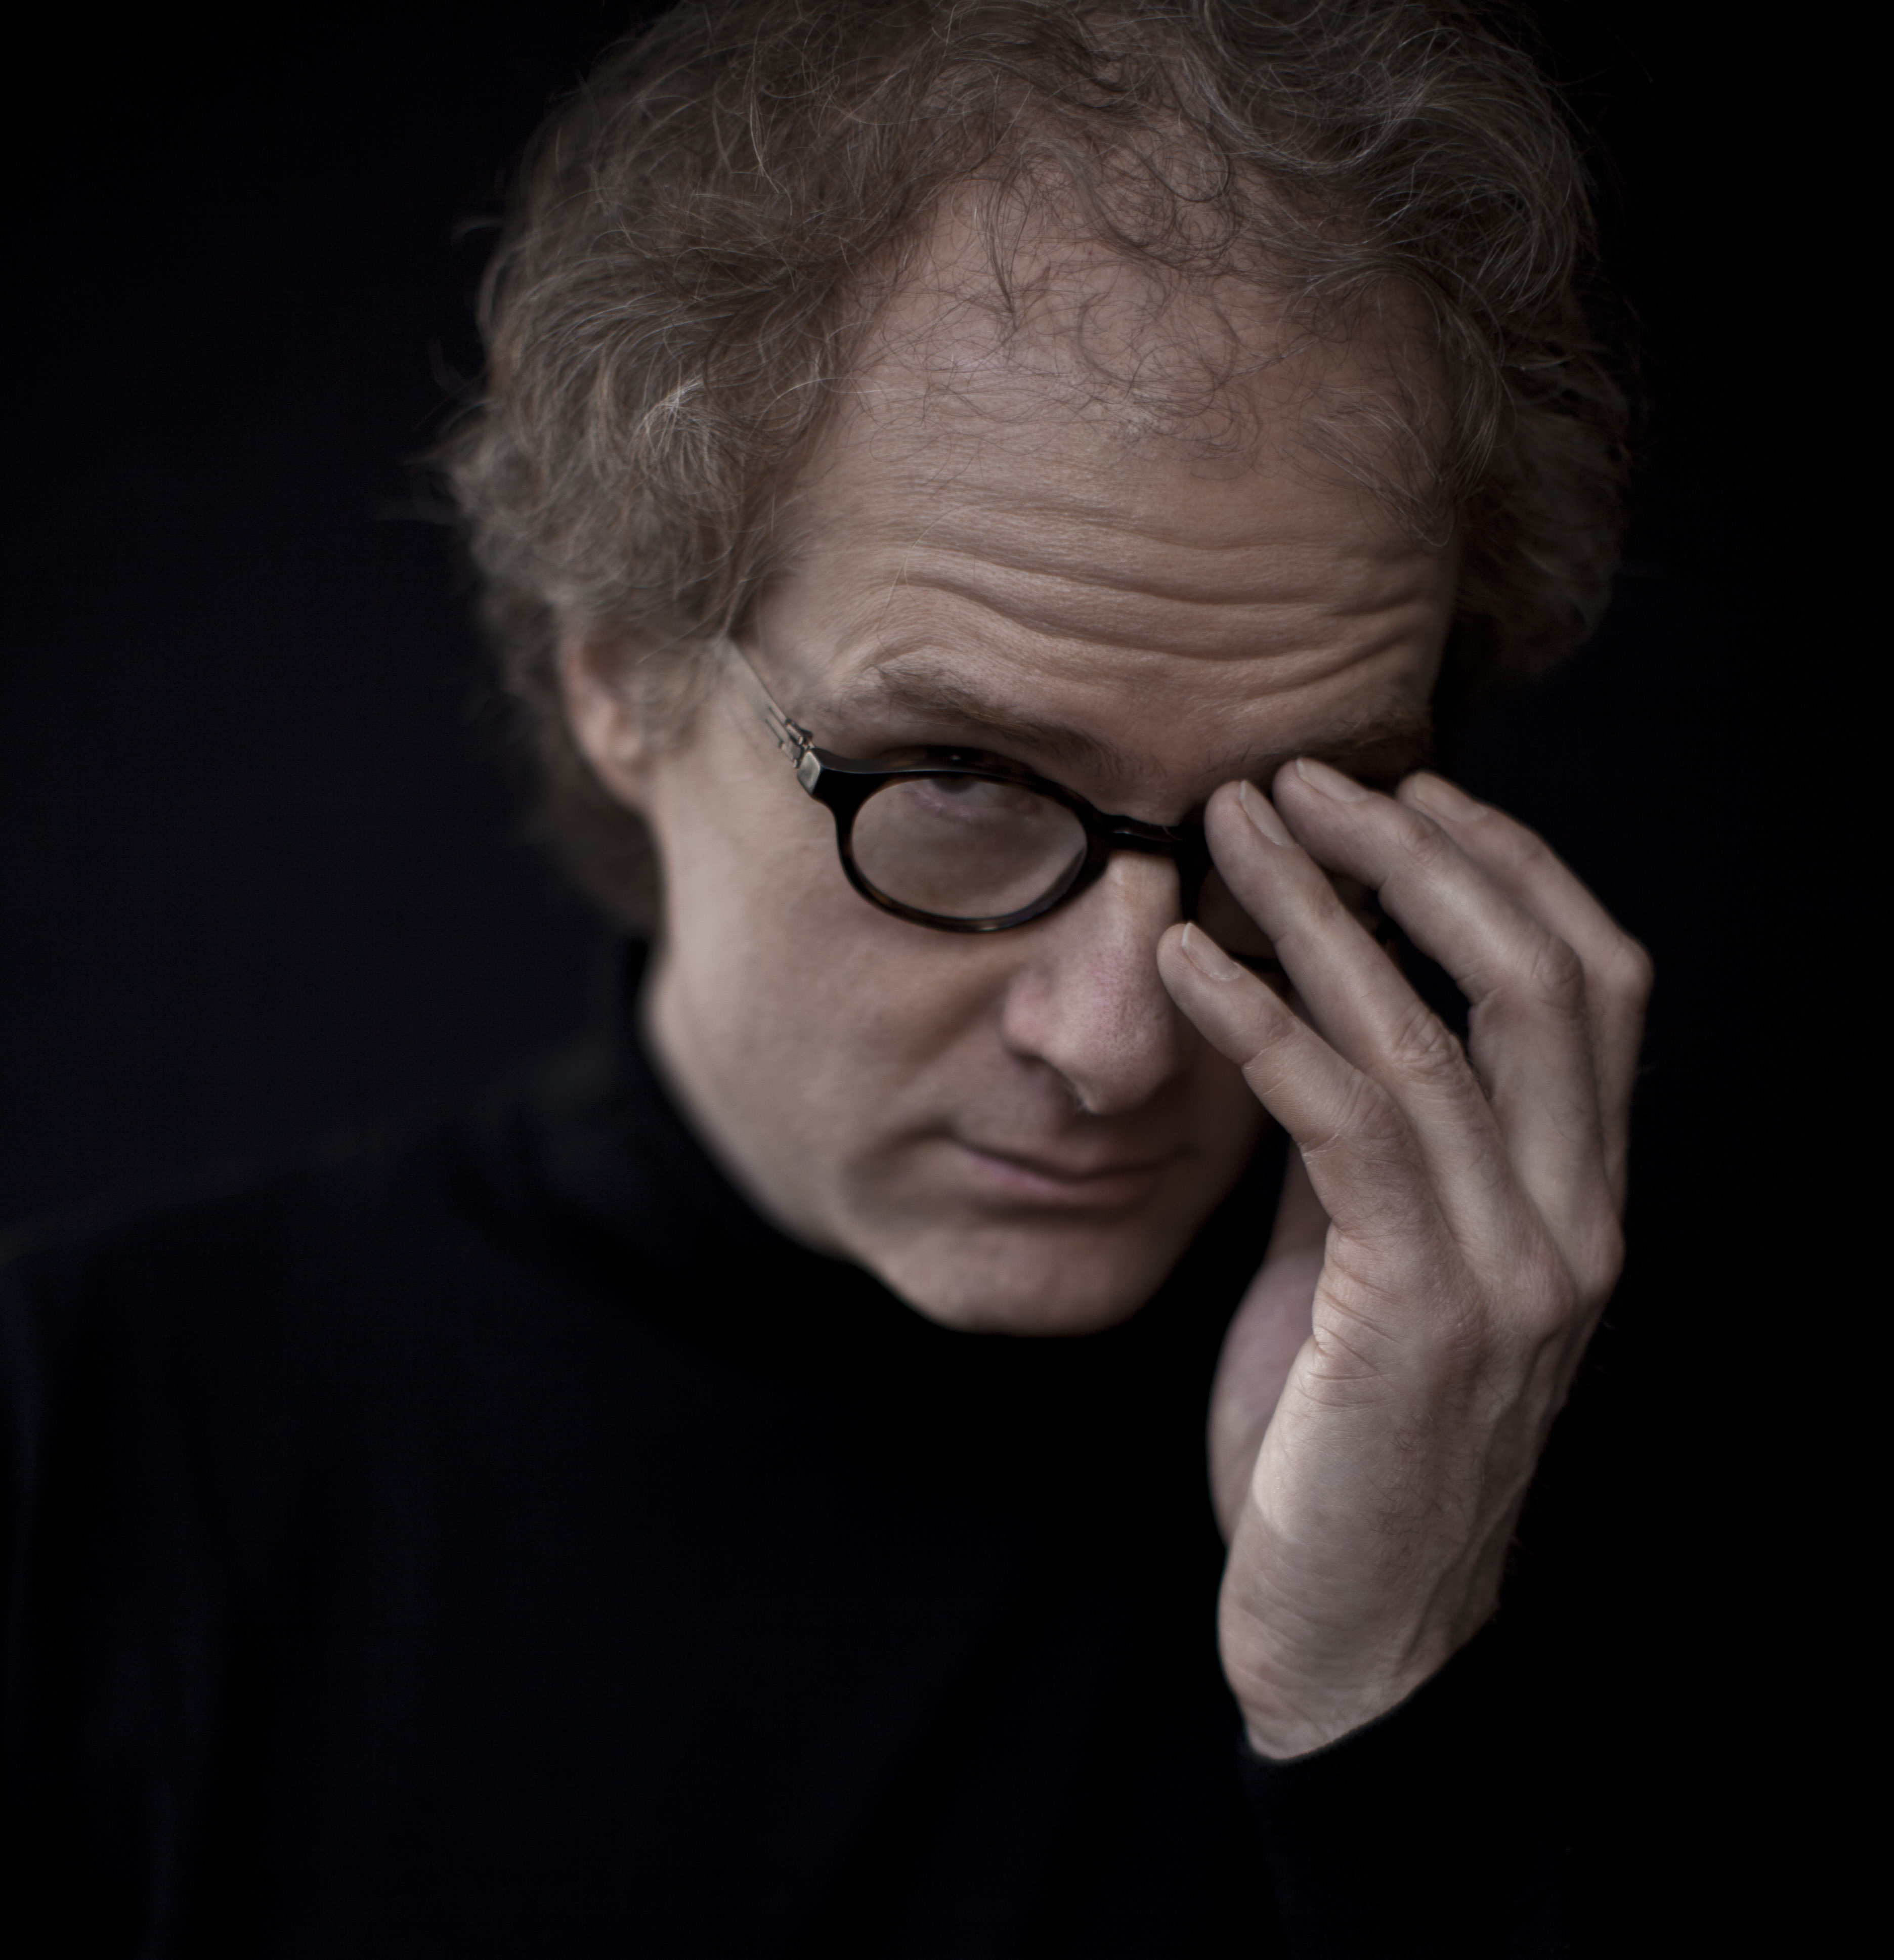 Jan Philip Schulze